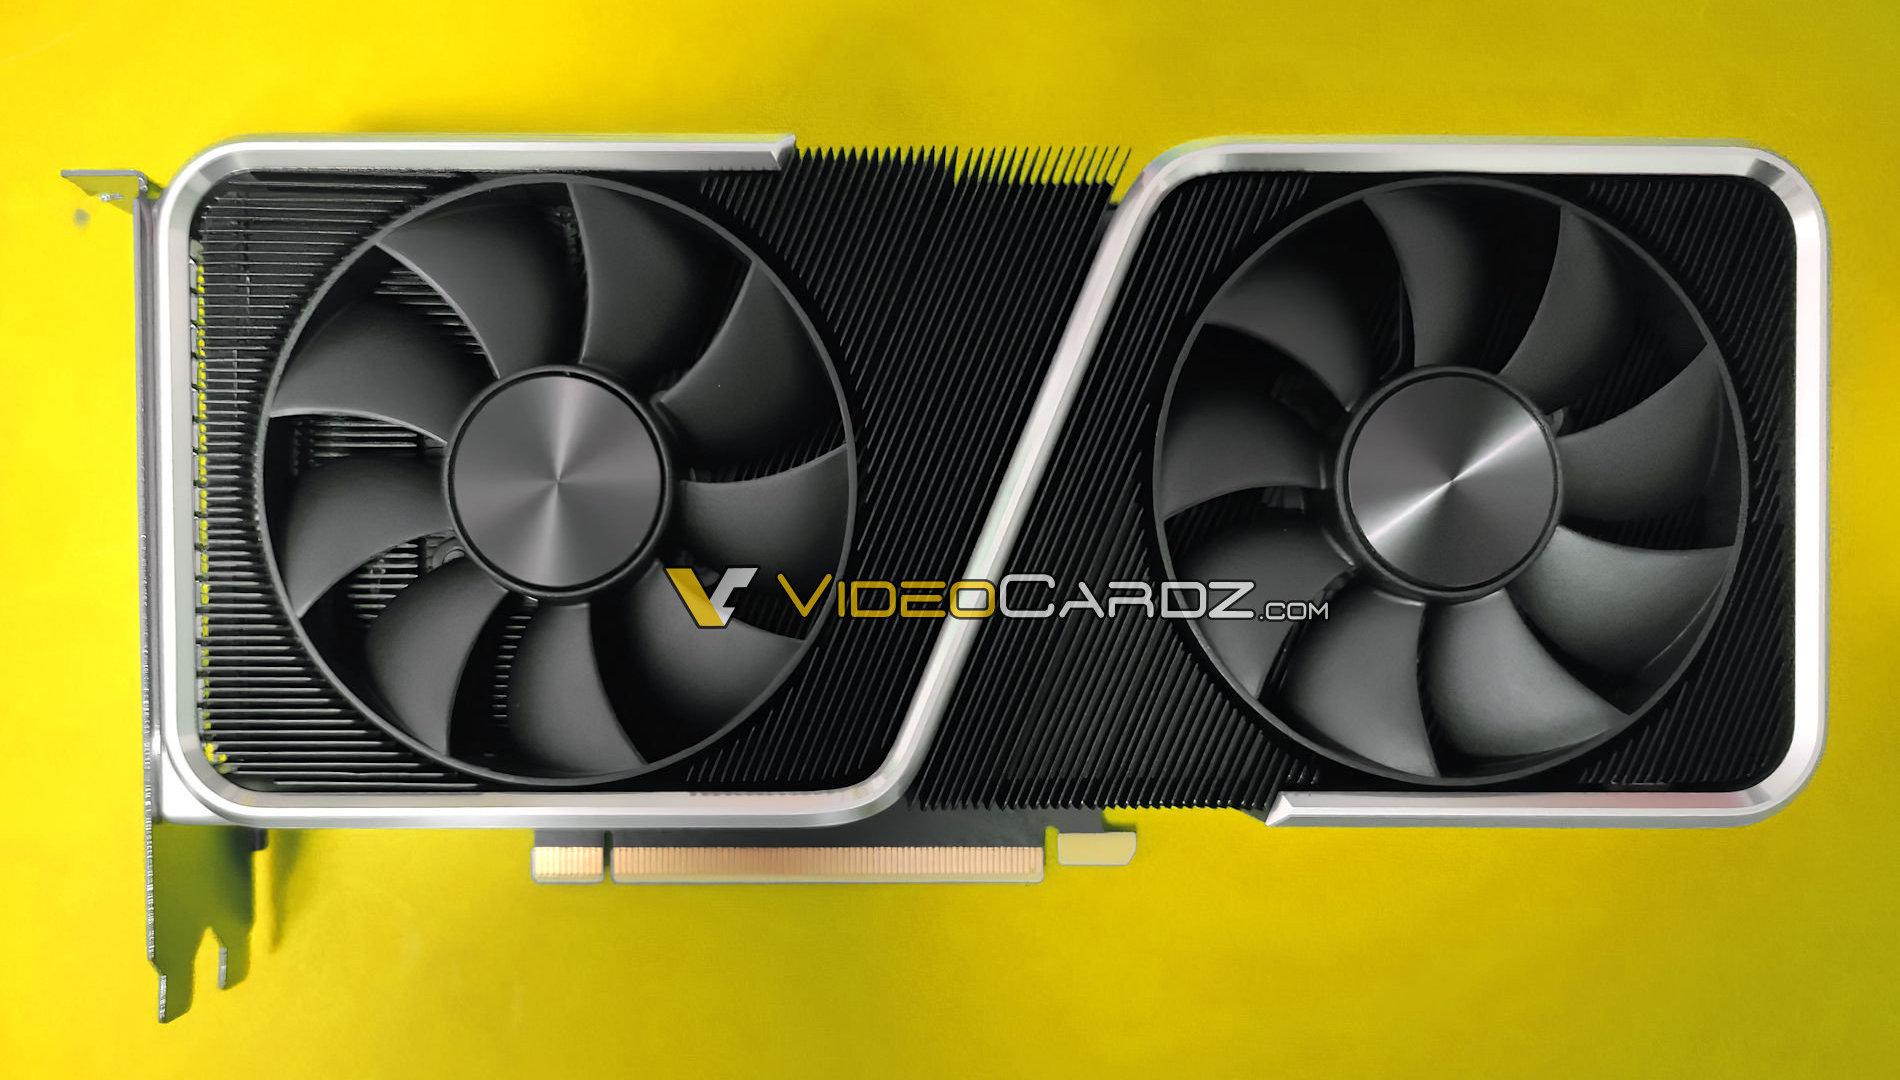 Новые результаты Geekbench подтверждают, что Nvidia GeForce RTX 3060 Ti почти не уступает Radeon RX 6800 в тесте OpenCL